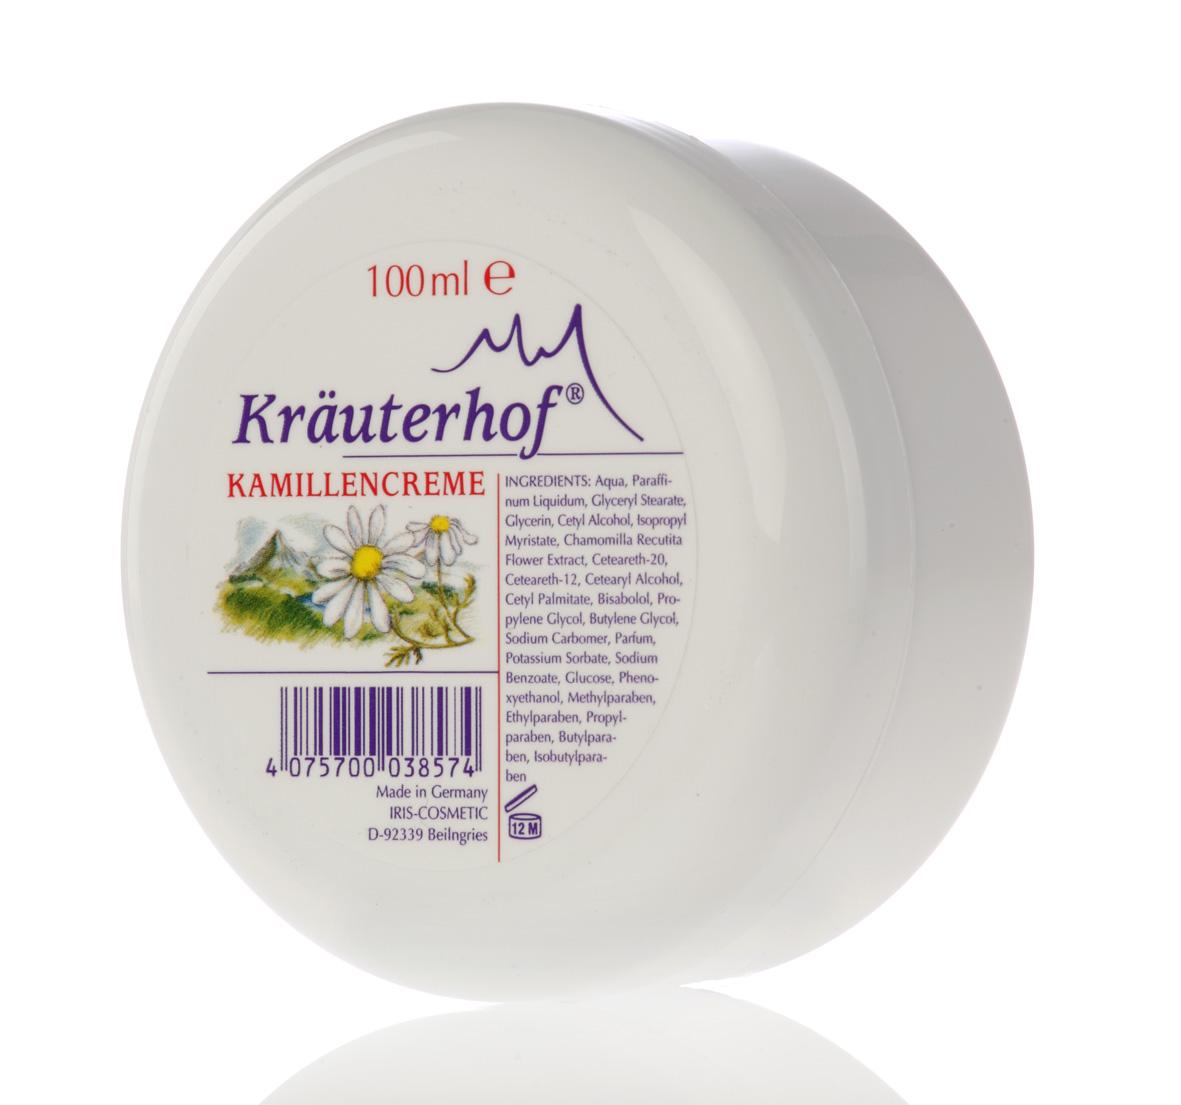 Kräuterhof Kamillencreme 100 ml